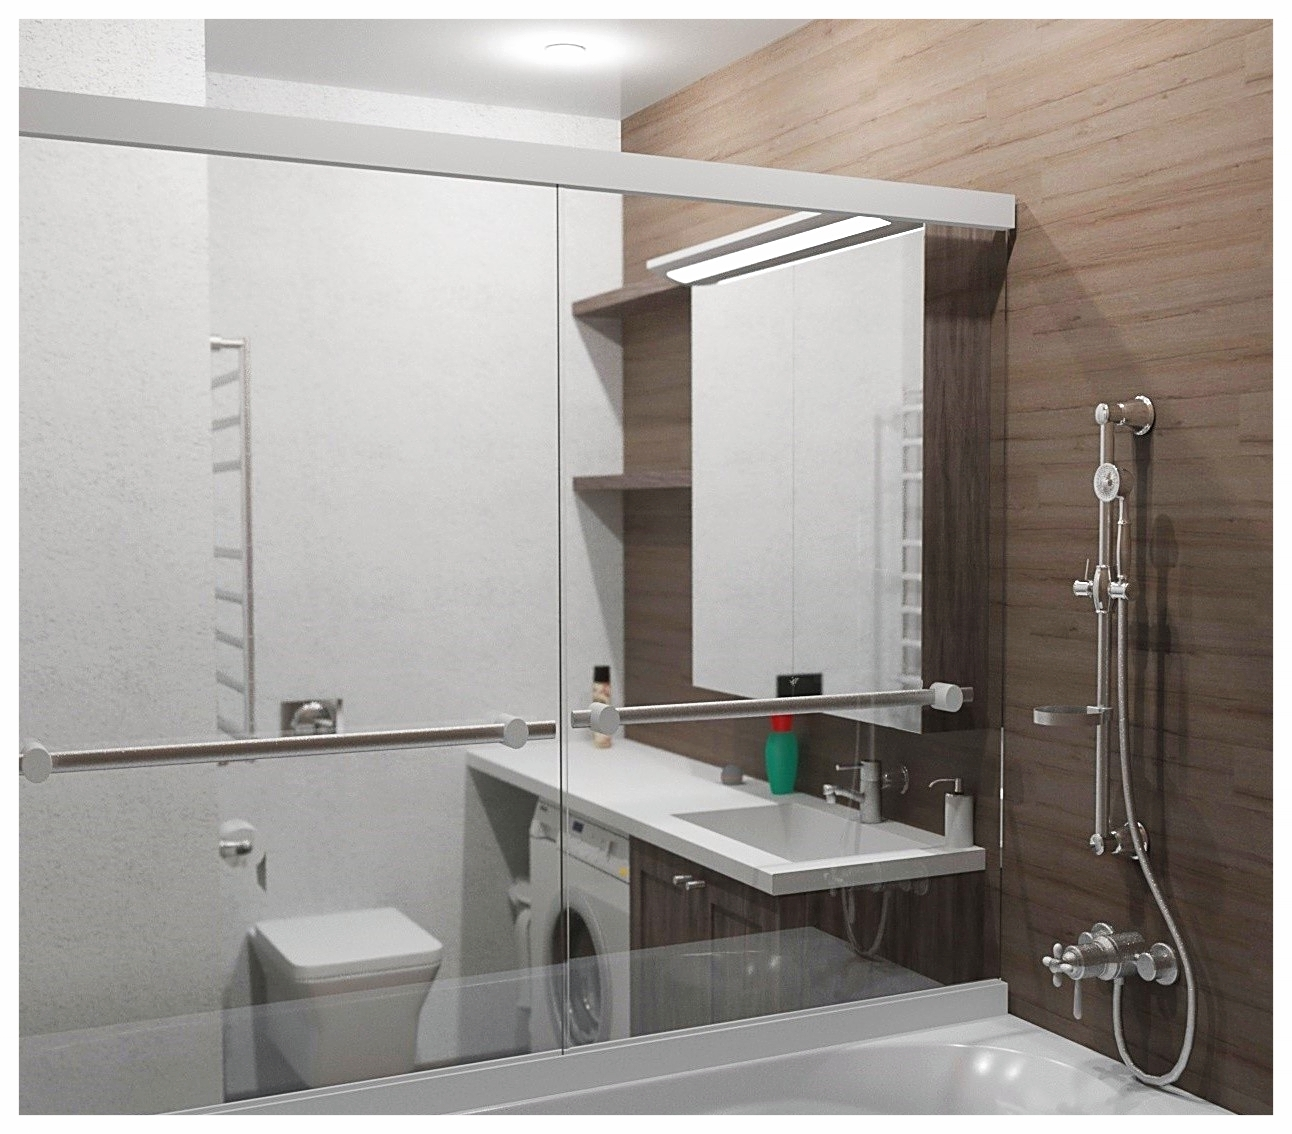 Дизайн интерьеров по договору на дизайн проект двухкомнатной квартиры. Санузел 1.